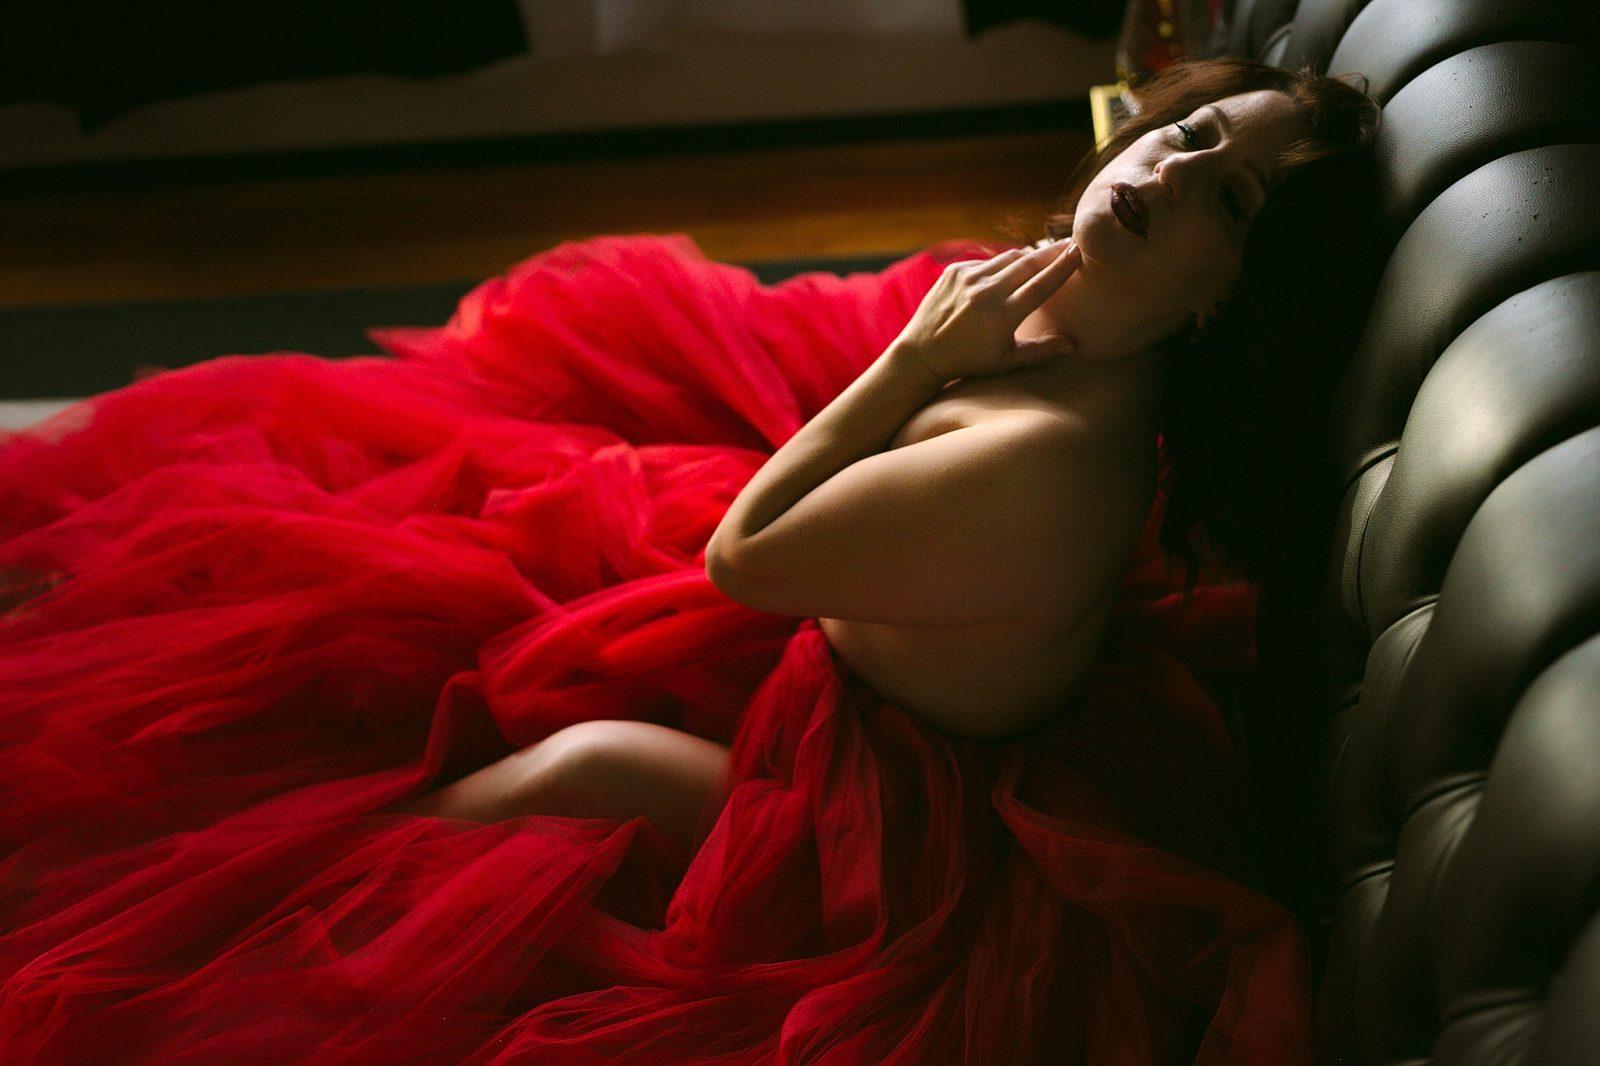 Miami boudoir photos